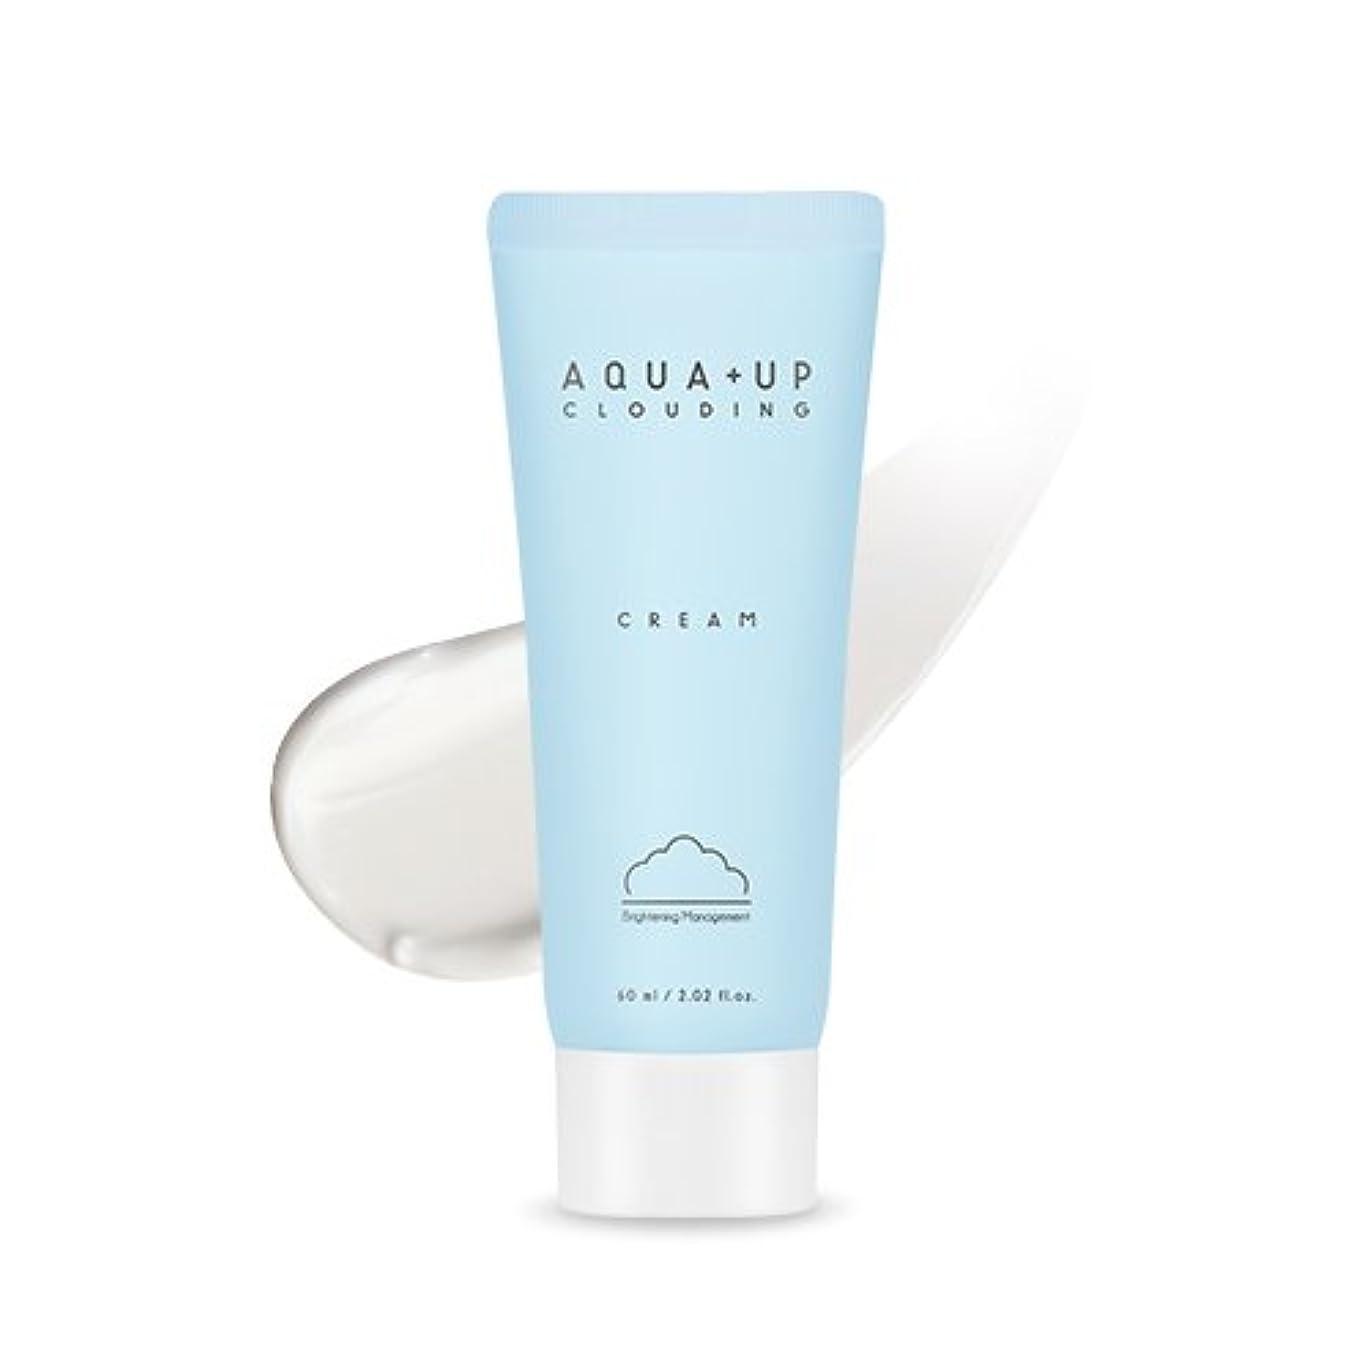 事務所農民水を飲むAPIEU (AQUA+UP) Clouding Cream/アピュアクアアップクラウドディングクリーム 60ml [並行輸入品]